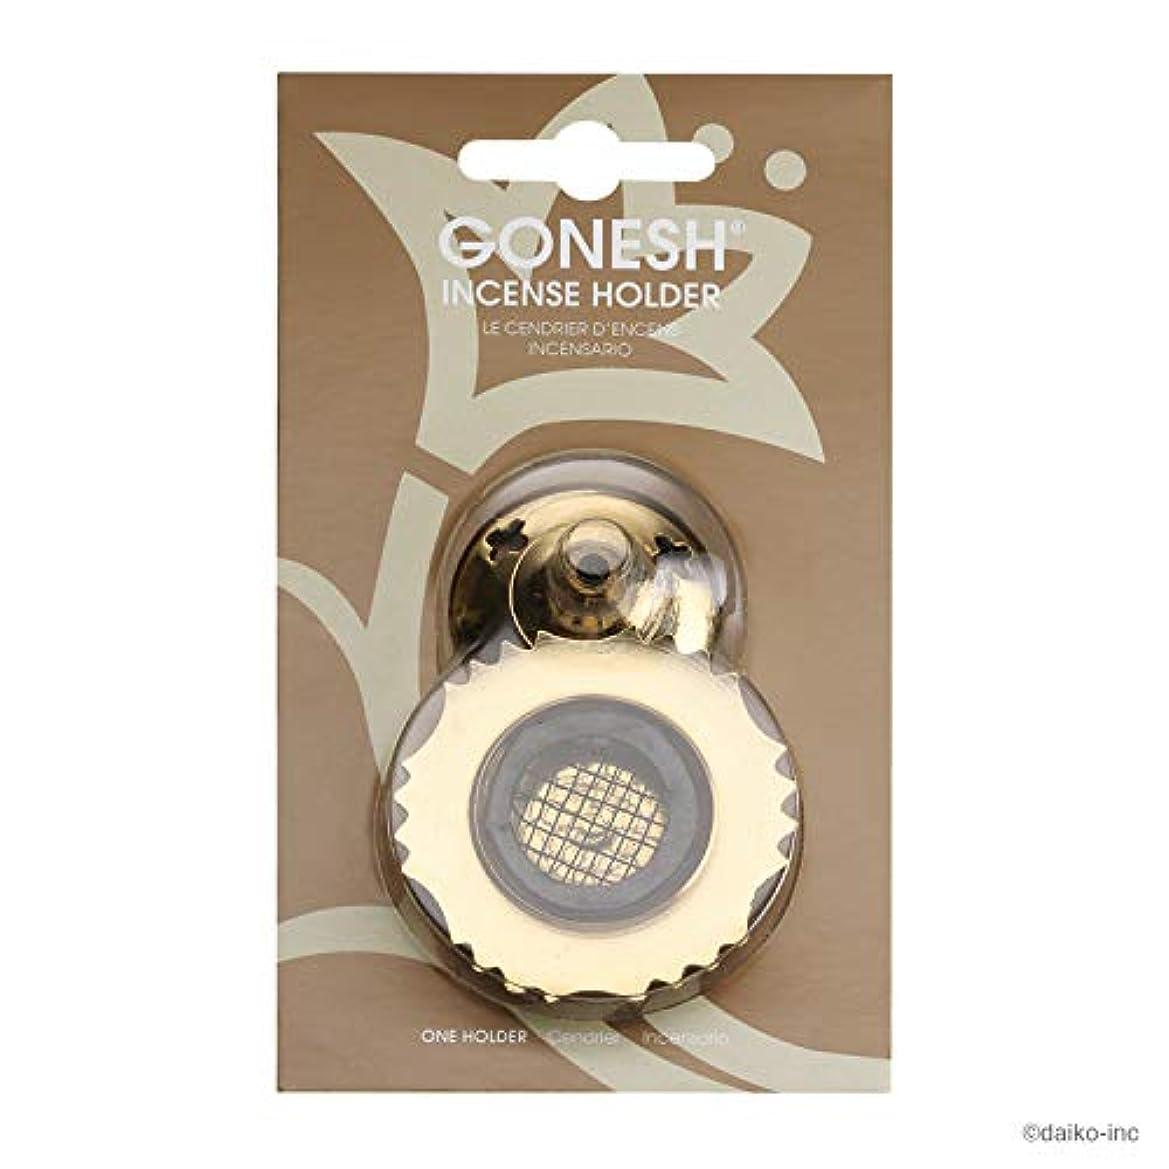 計画的ベッツィトロットウッド酸っぱいガーネッシュ(GONESH) インセンスホルダー メッシュブラス (お香立て)